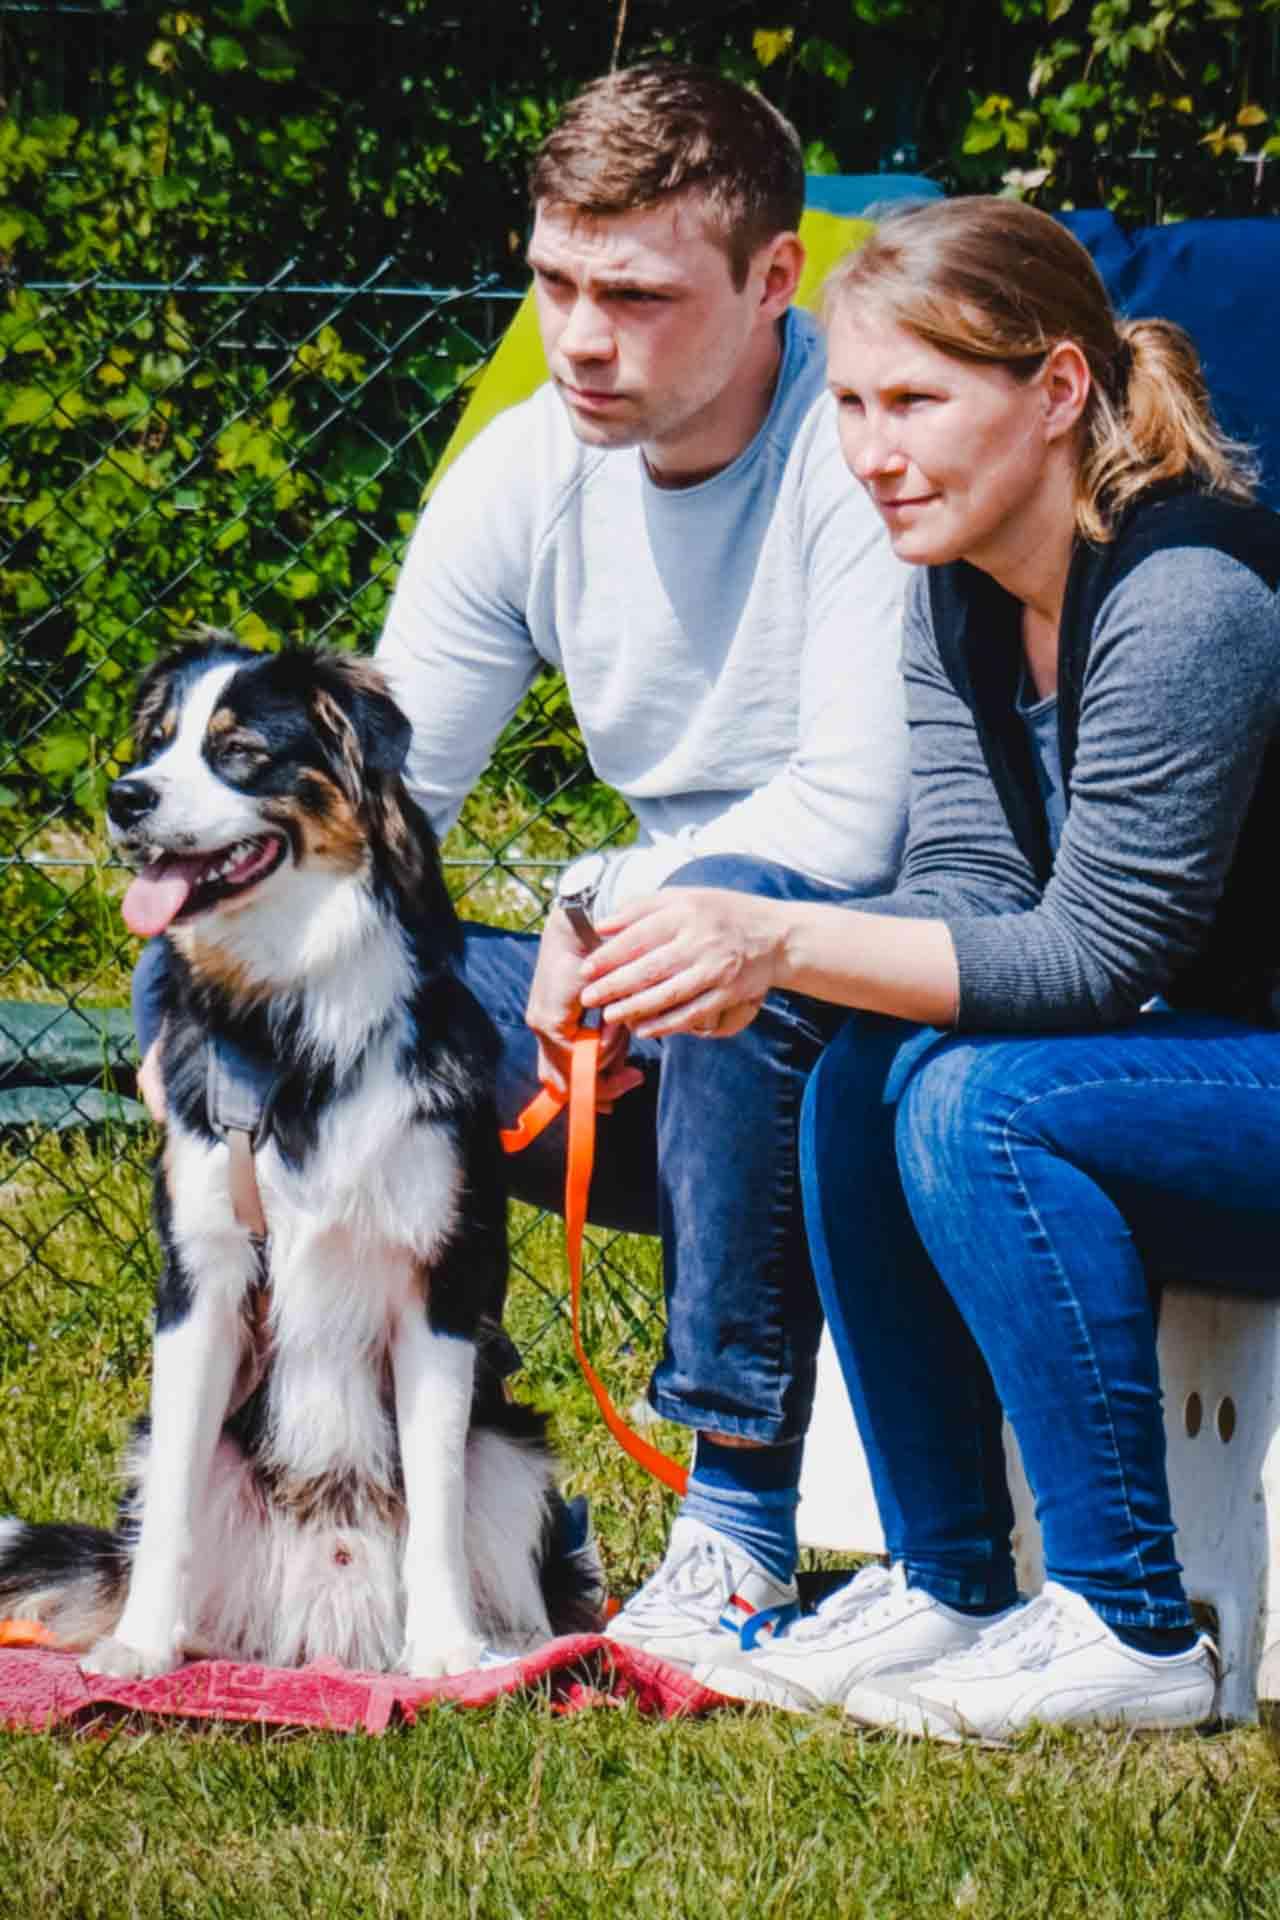 hundpunkt_hundeschule_muenster-ibbenbueren-hundetraining-teams